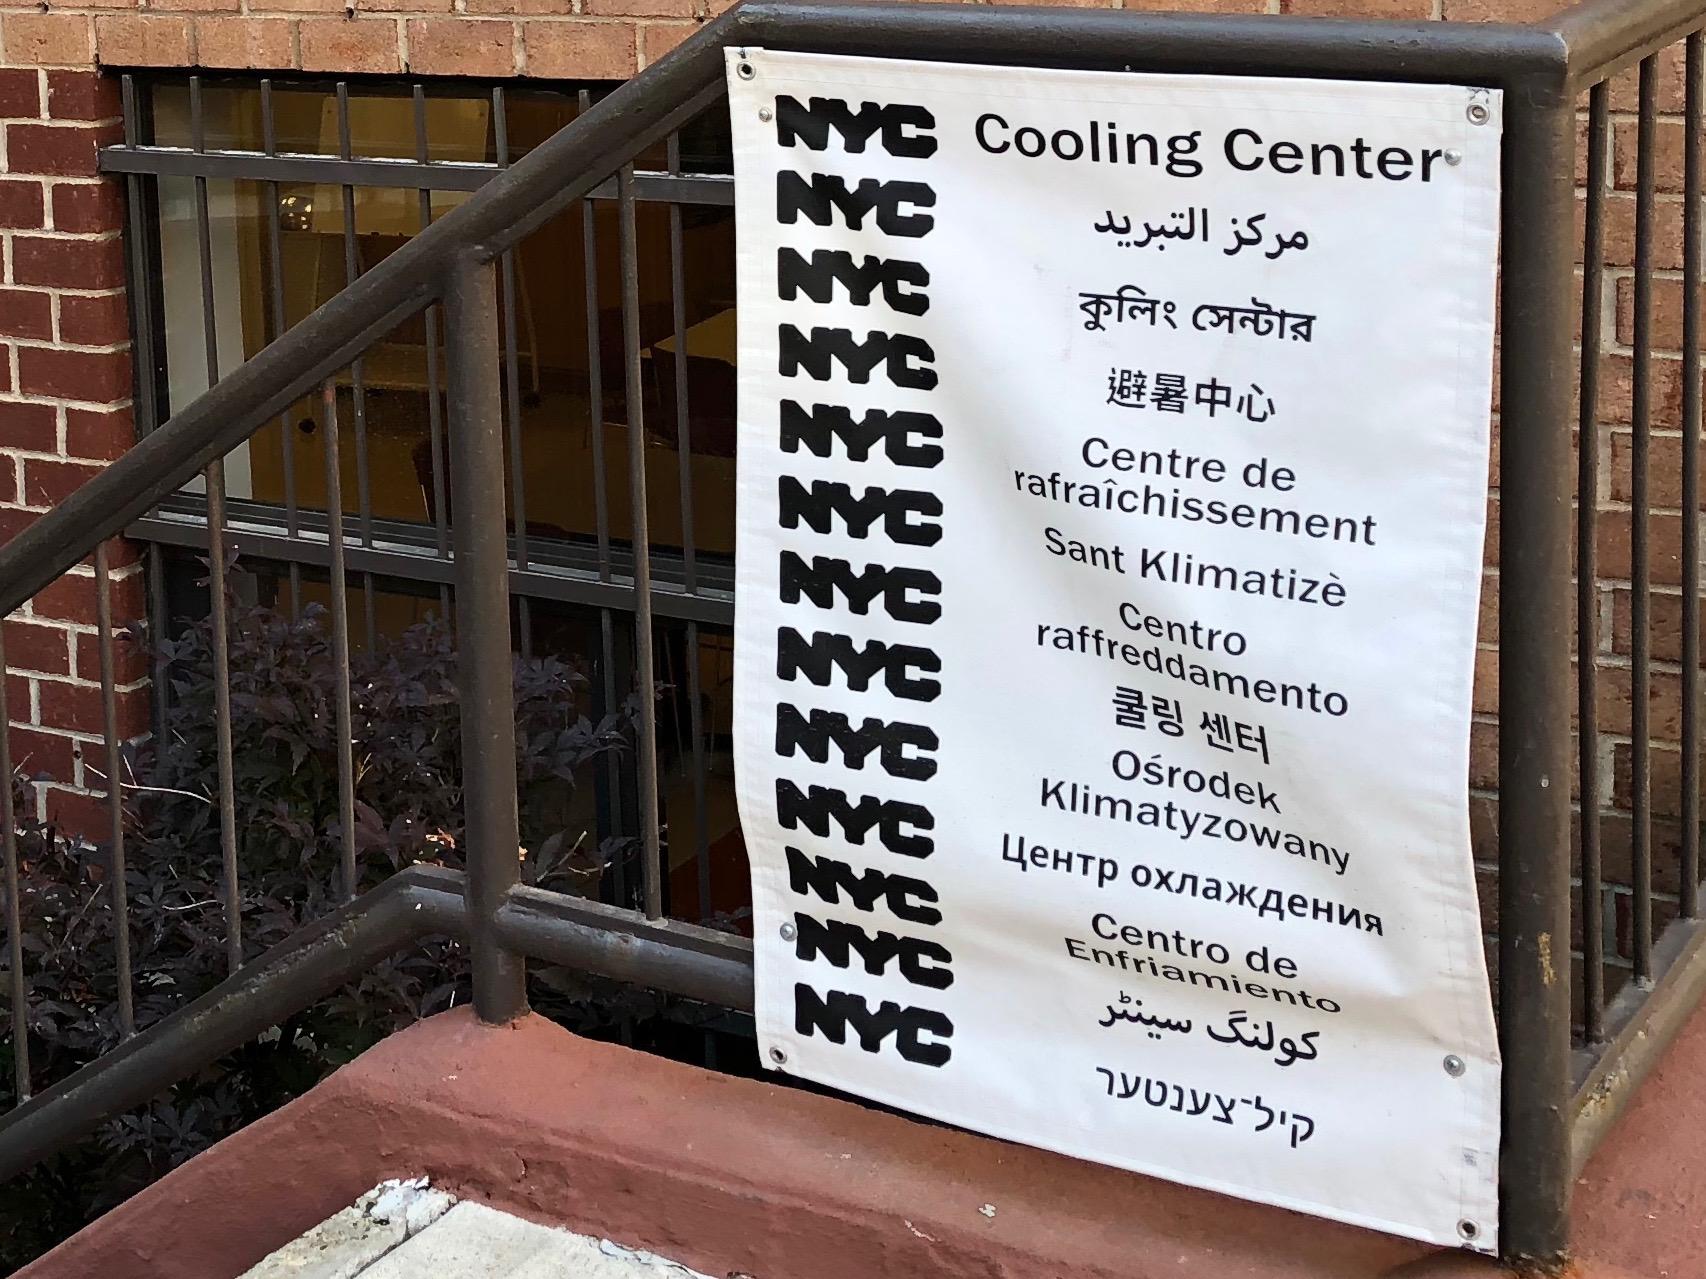 071118-Senior-Cooling-Center